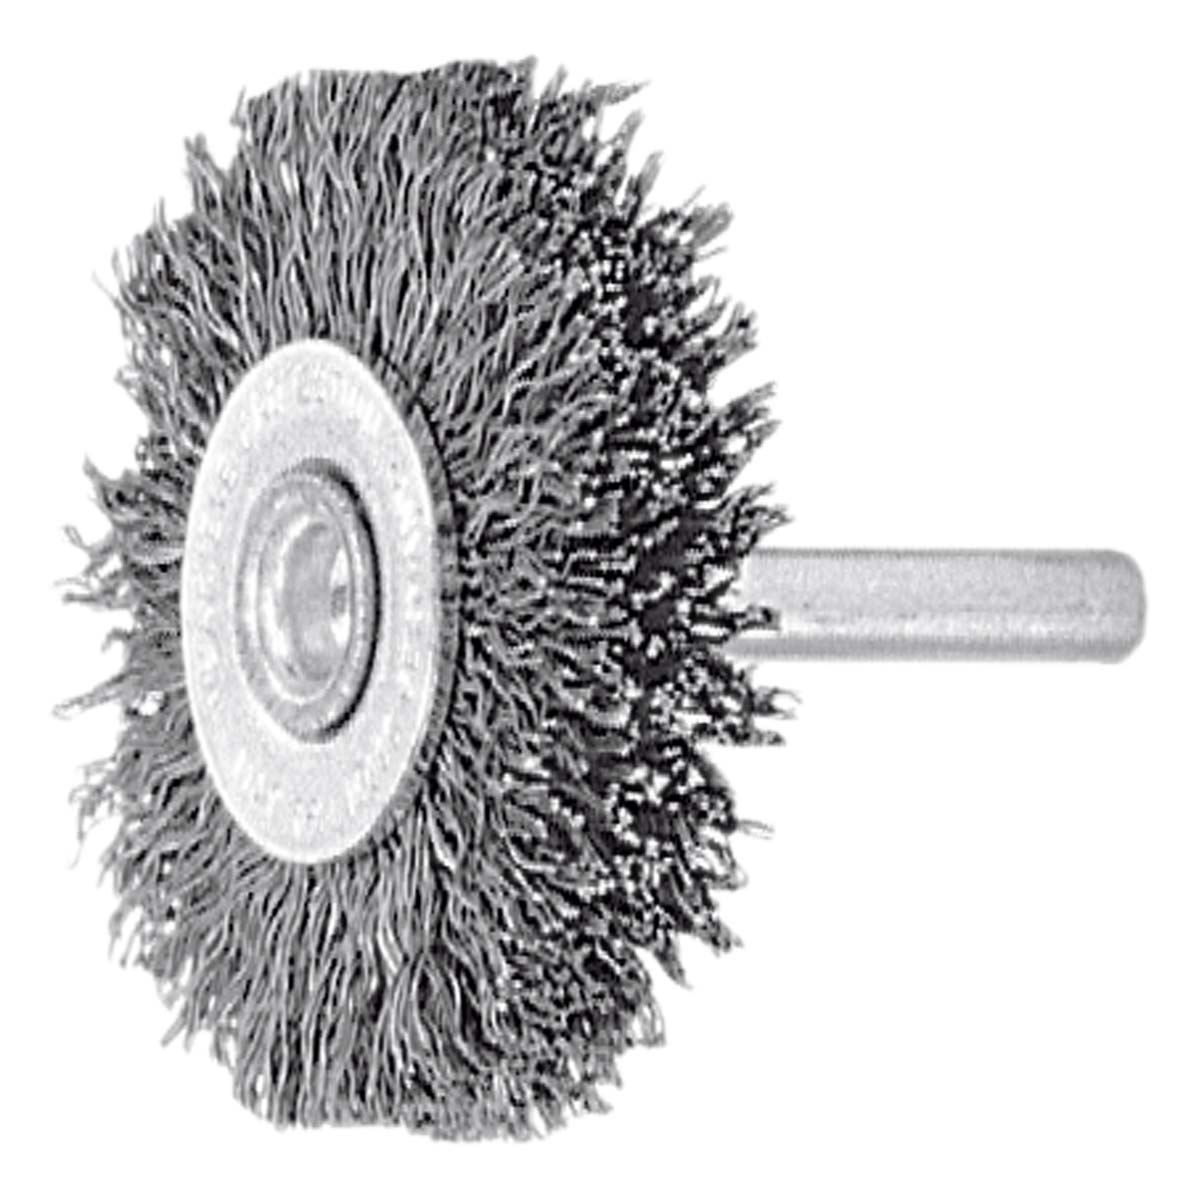 Cepillo circular con mango alambre de acero, latonado